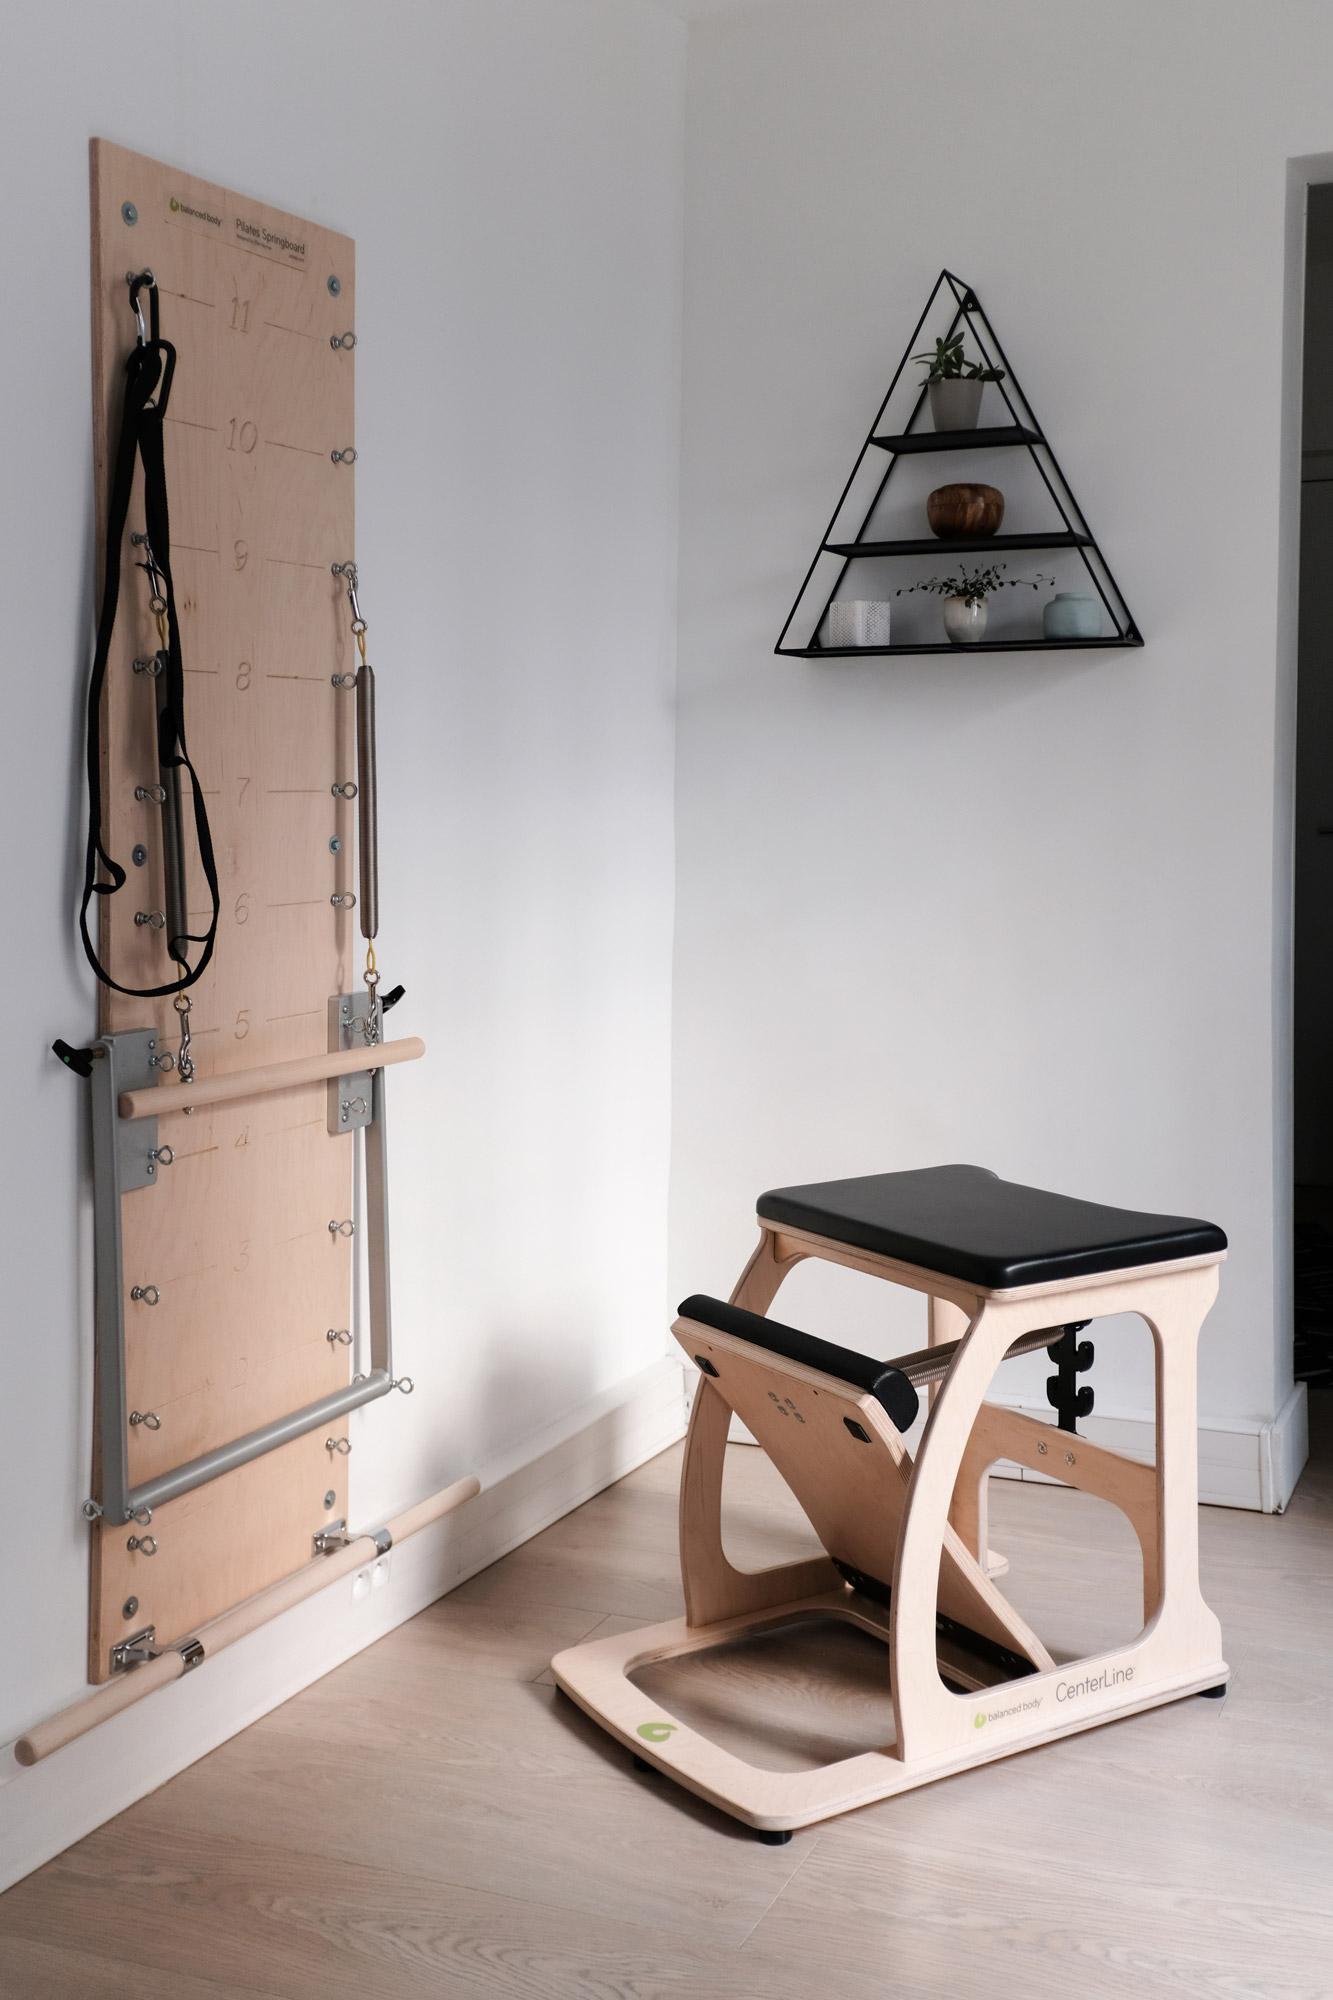 Studio Pilates avec machines